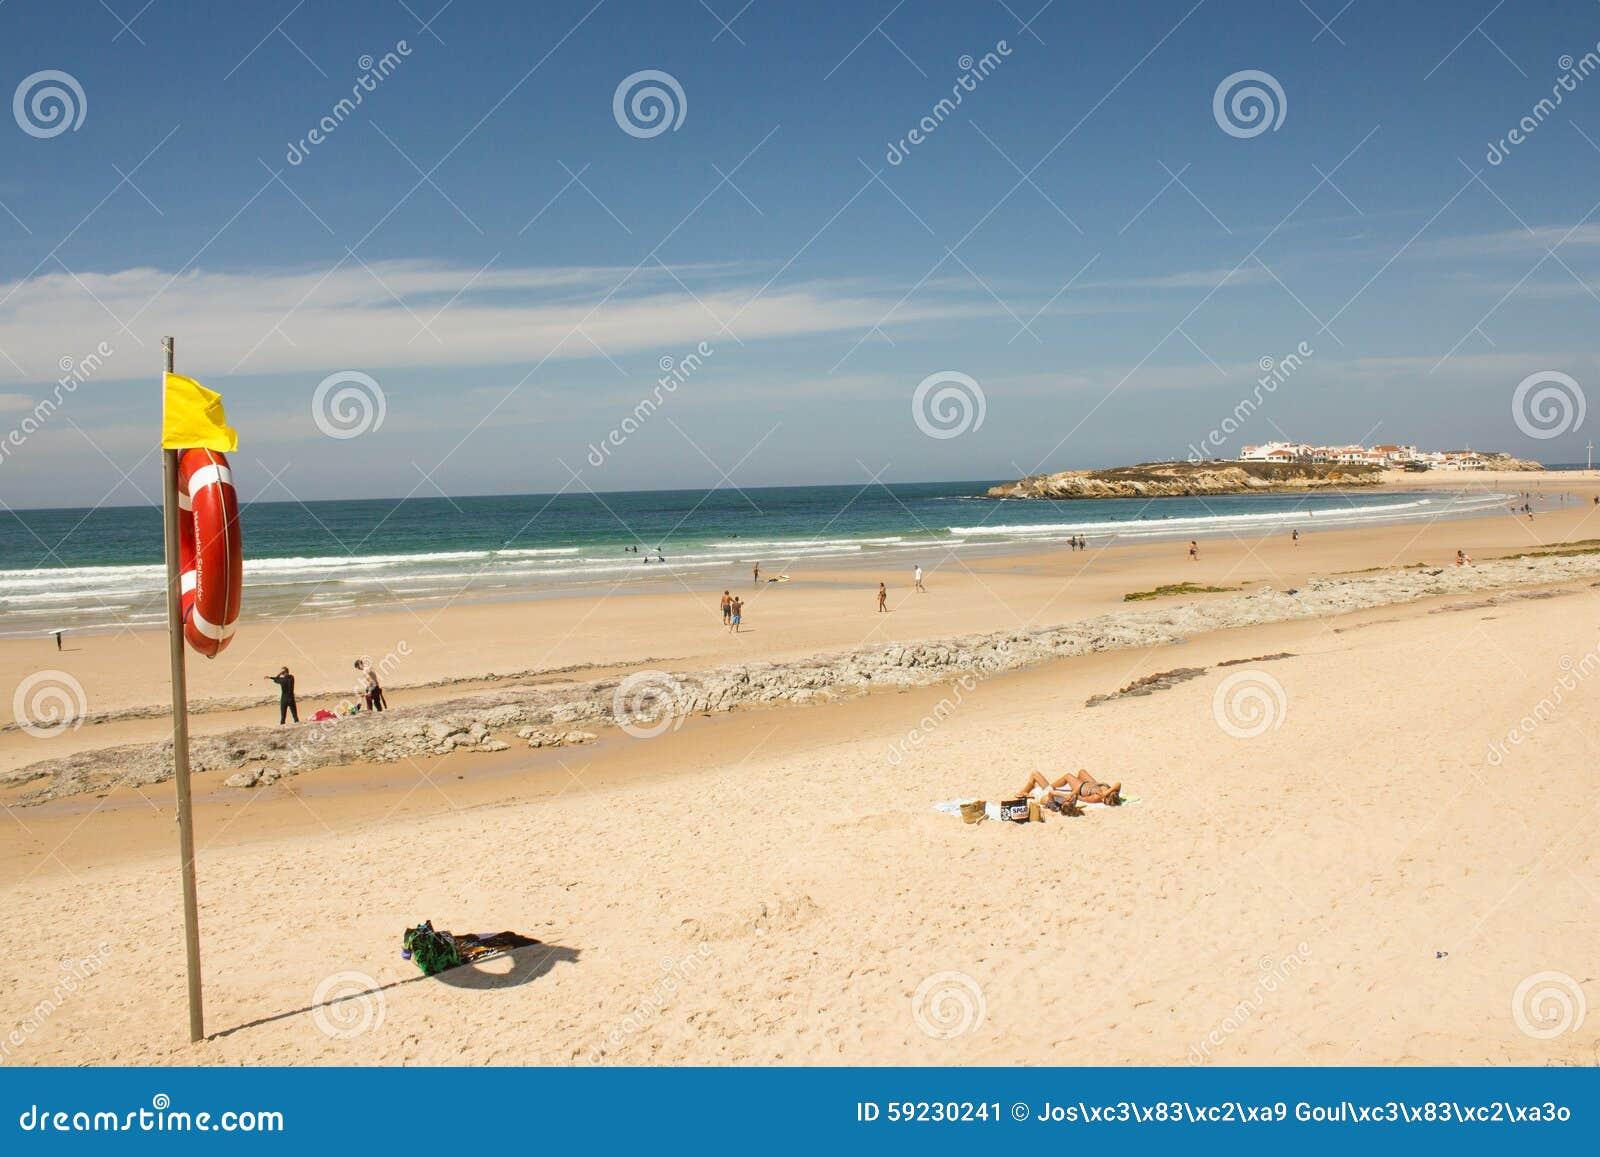 Download Pueblo De La Playa De Baleal Y De Baleal (Peniche, Portugal) Por La Tarde Imagen de archivo - Imagen de paraíso, resaca: 59230241